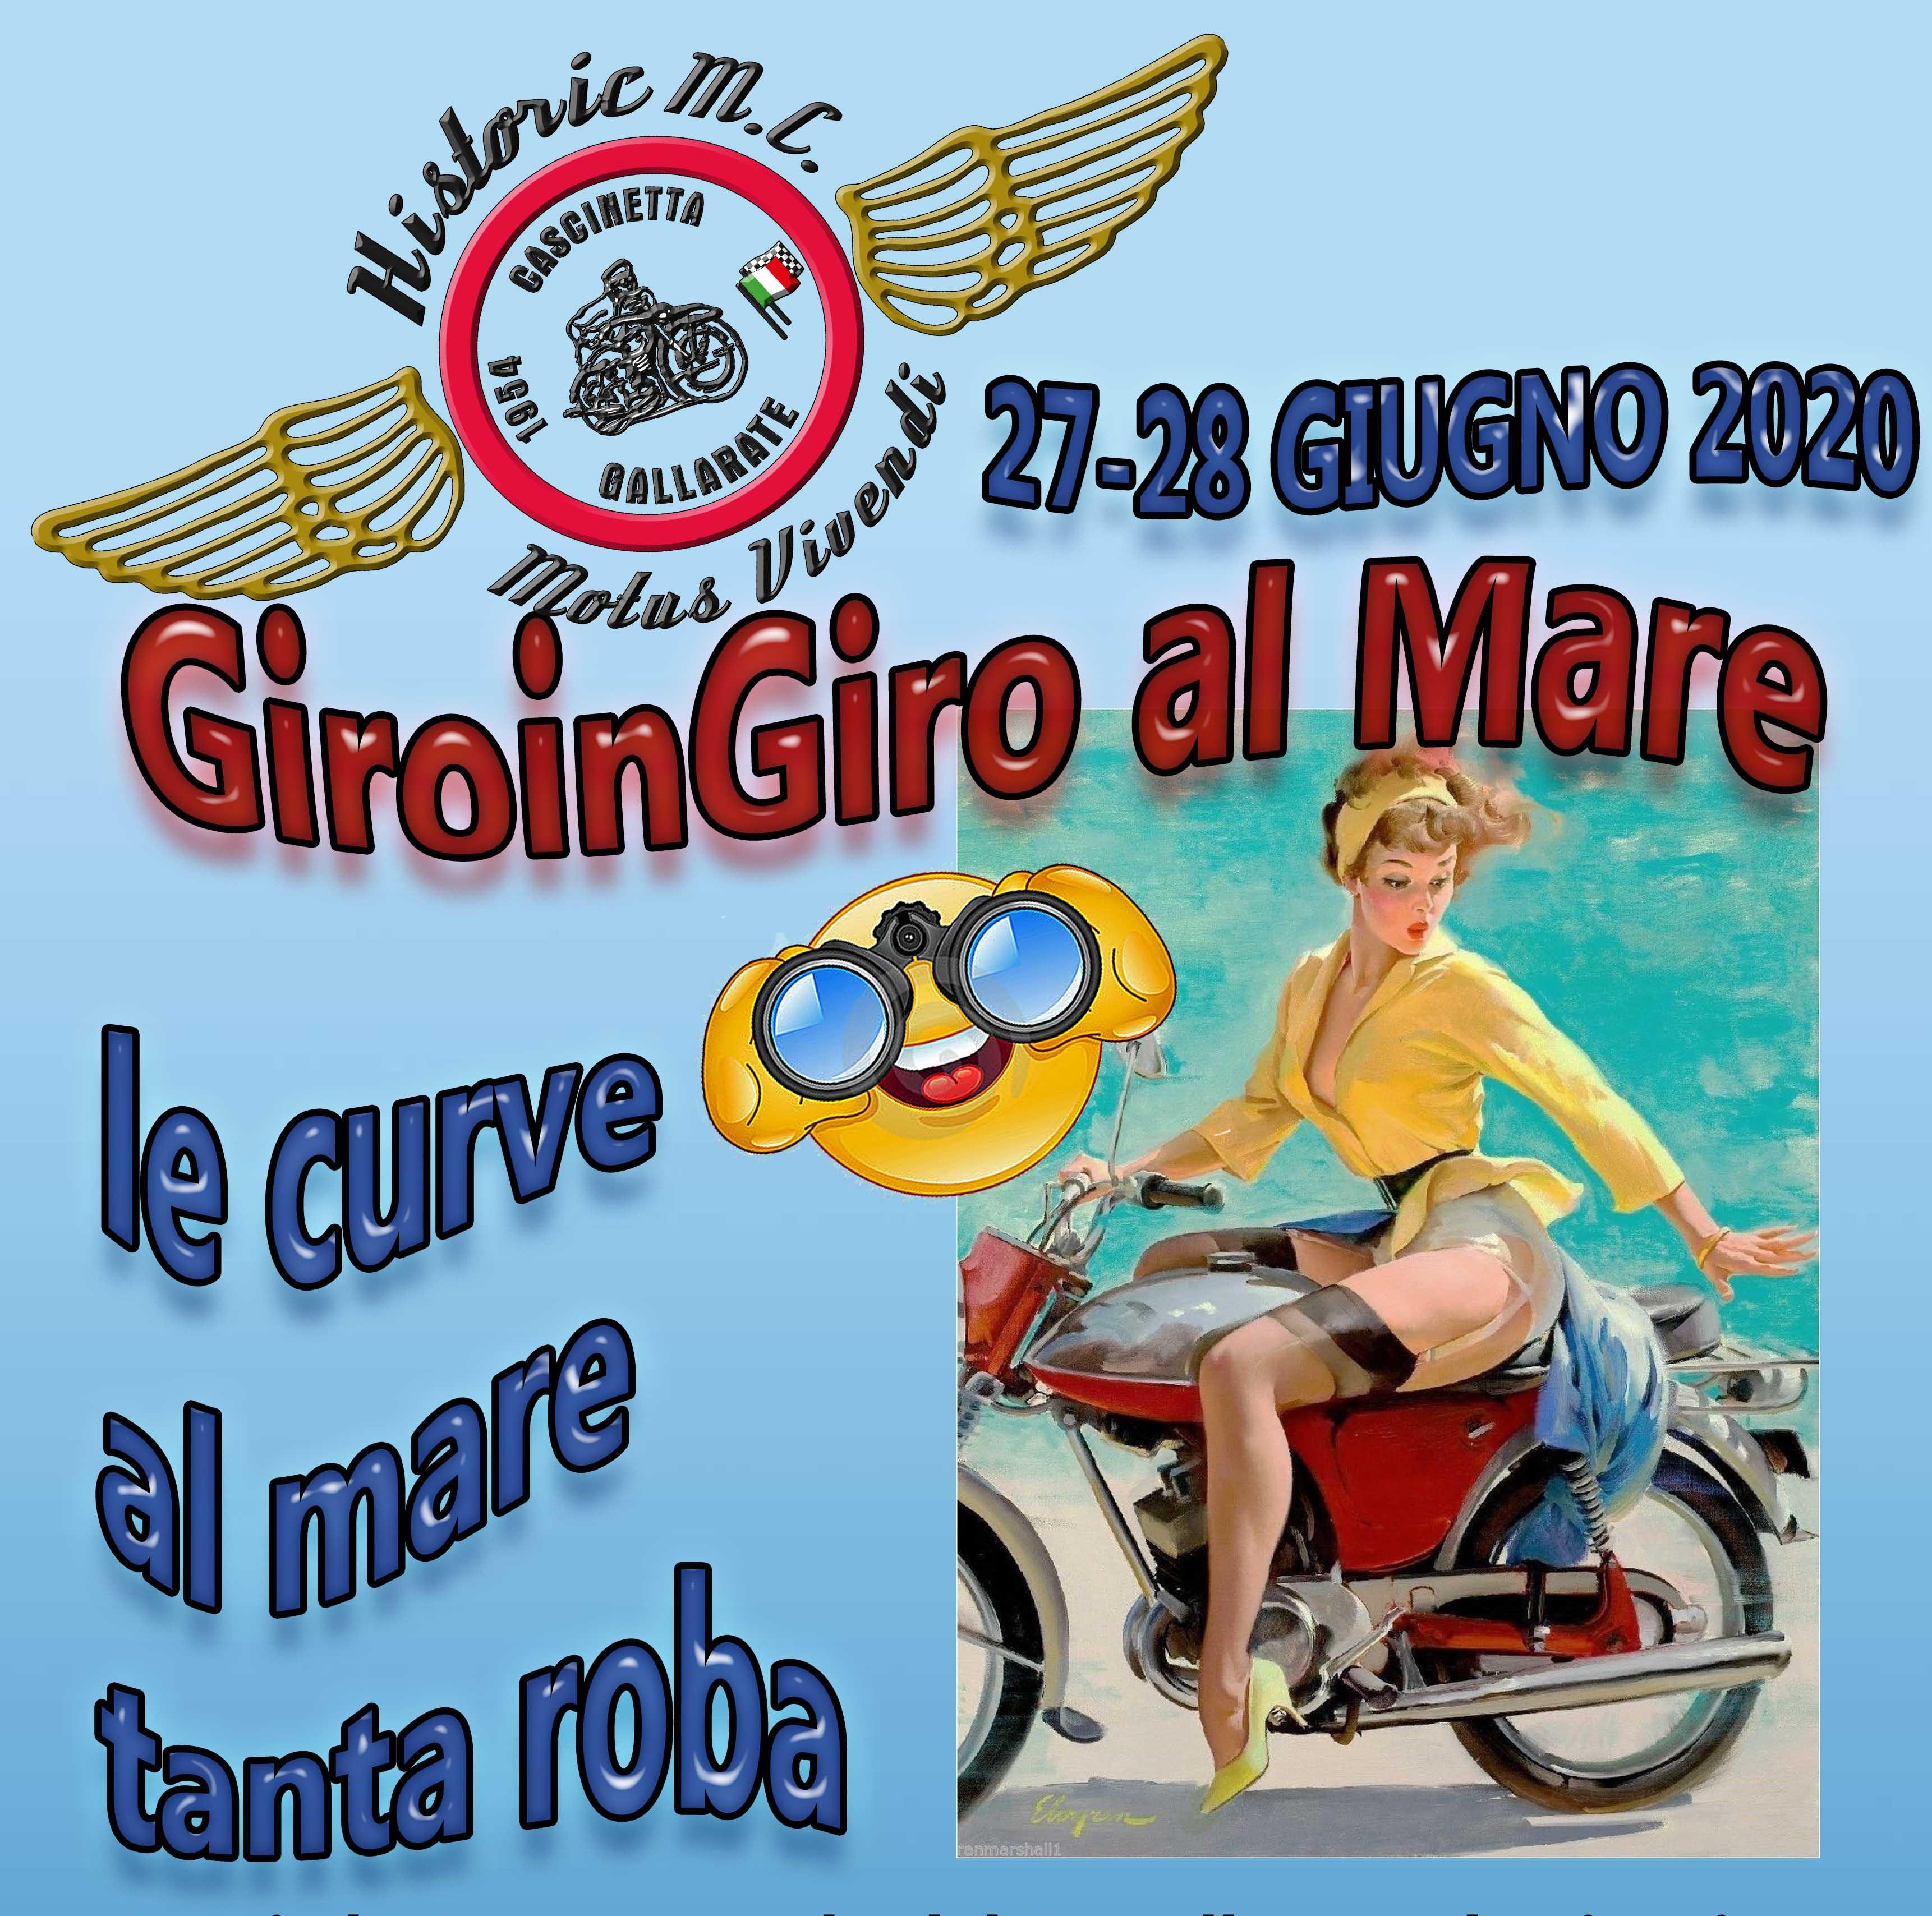 2020-06-27-28-GiroinGiro-al-Mare